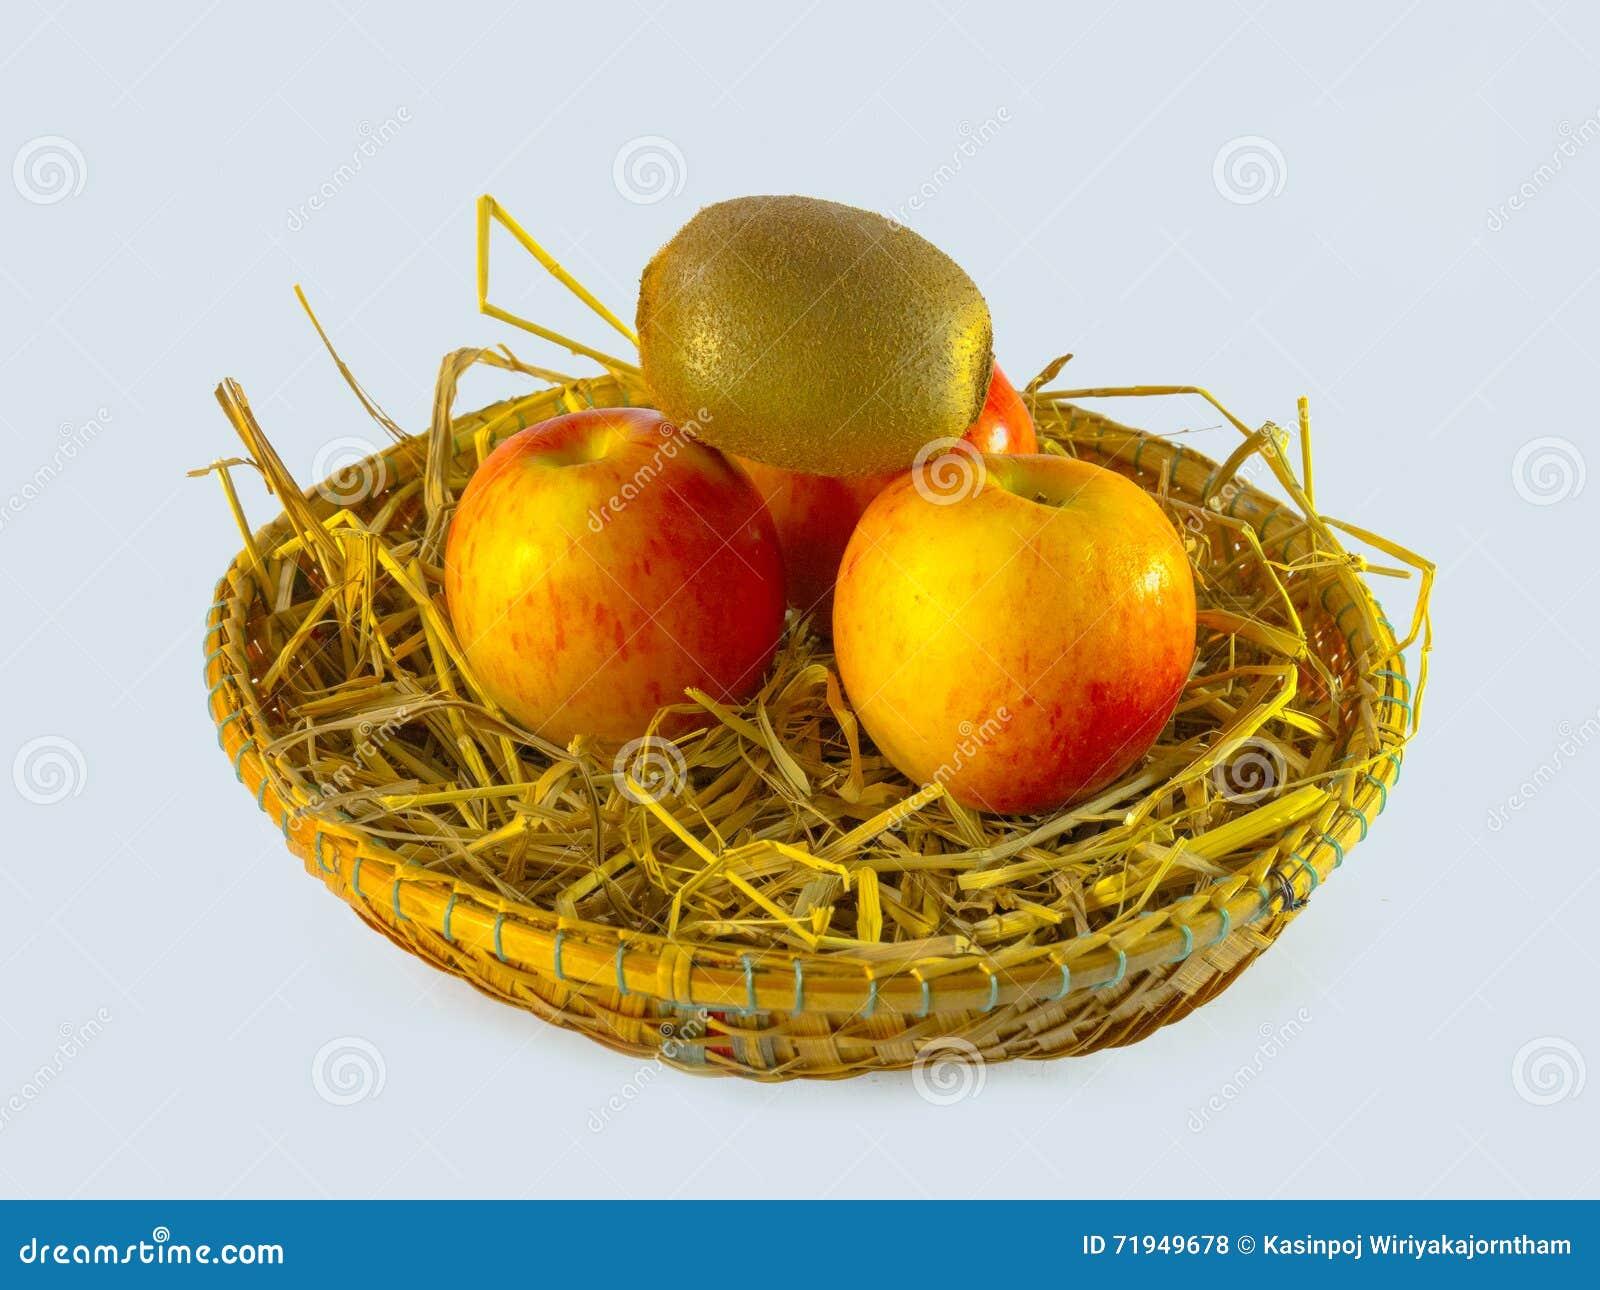 Натюрморт яблок в корзине изолированной на белой предпосылке, натюрморт яблок в корзине изолированной на белой предпосылке